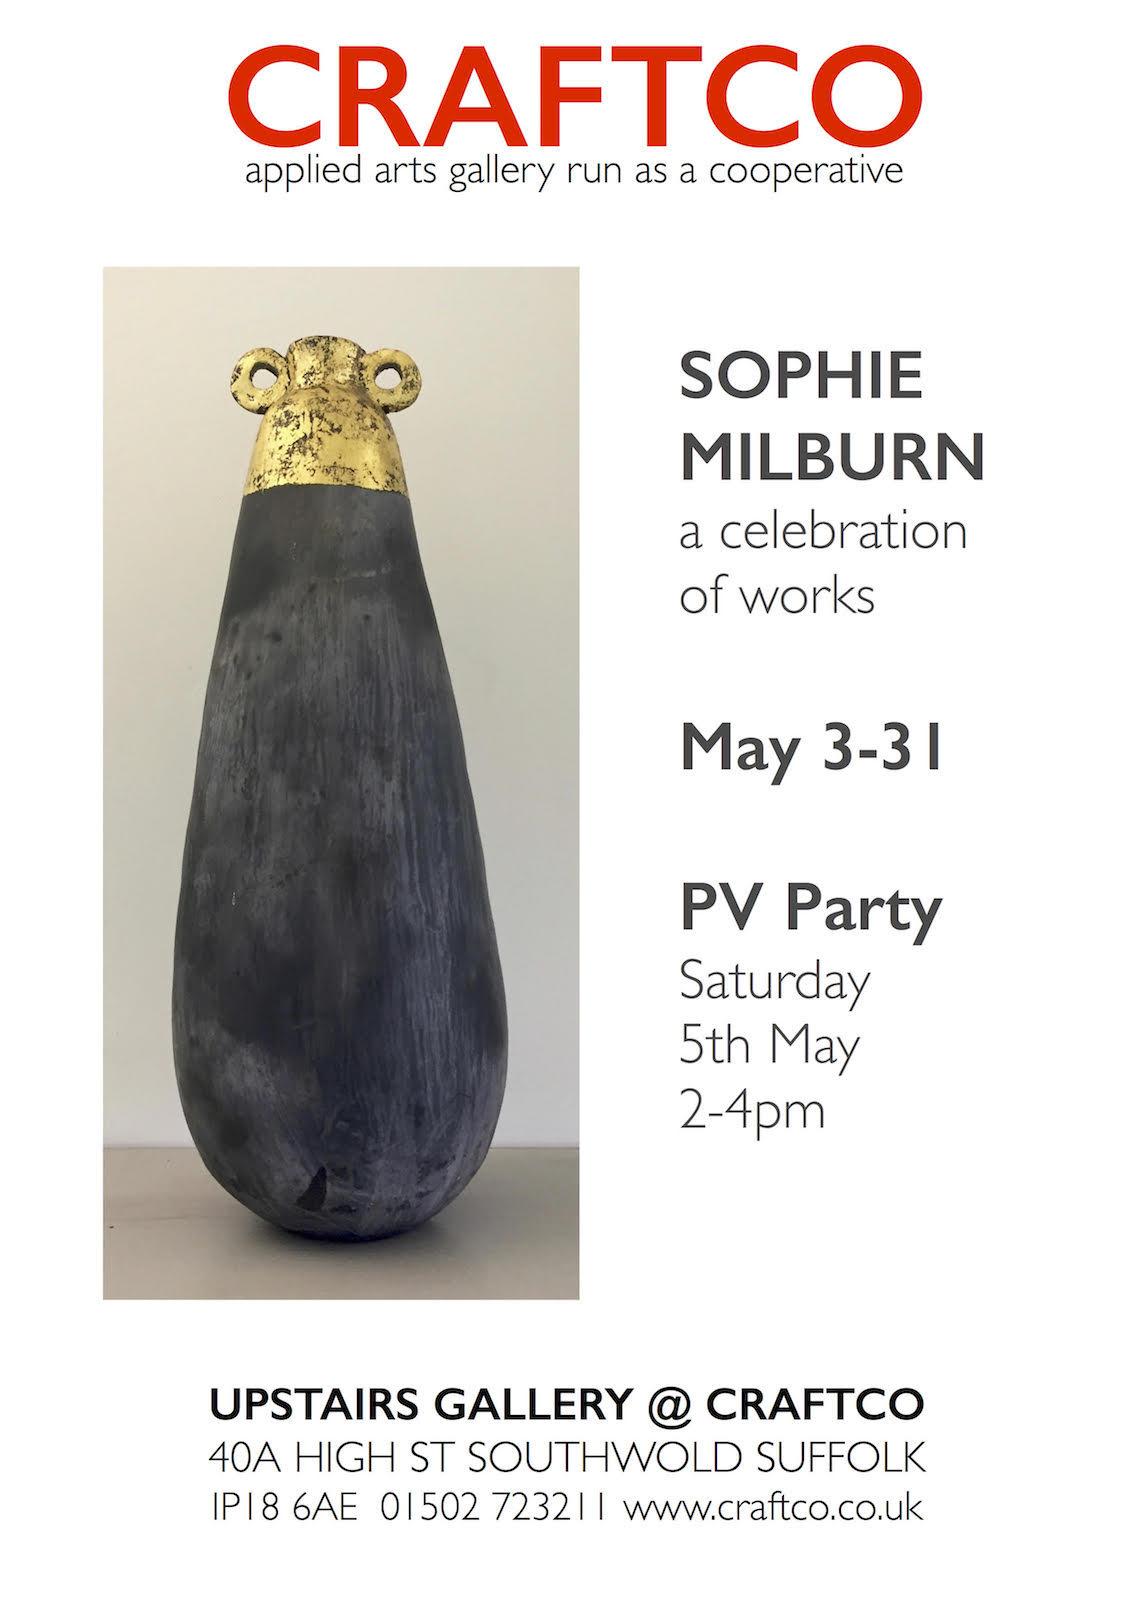 Craftco Sophie Milburn